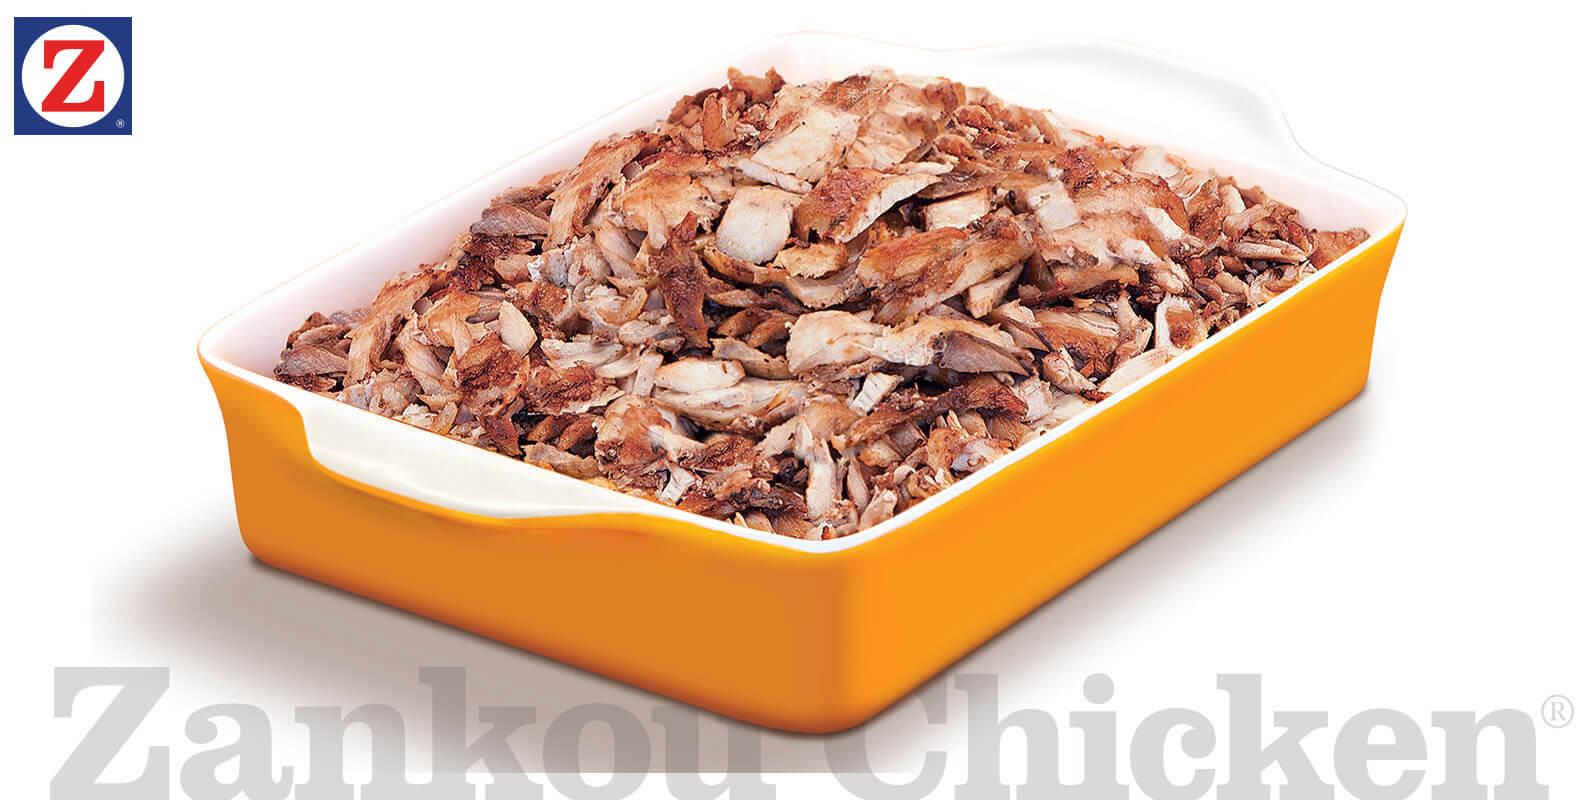 Catering tray of chicken tarna